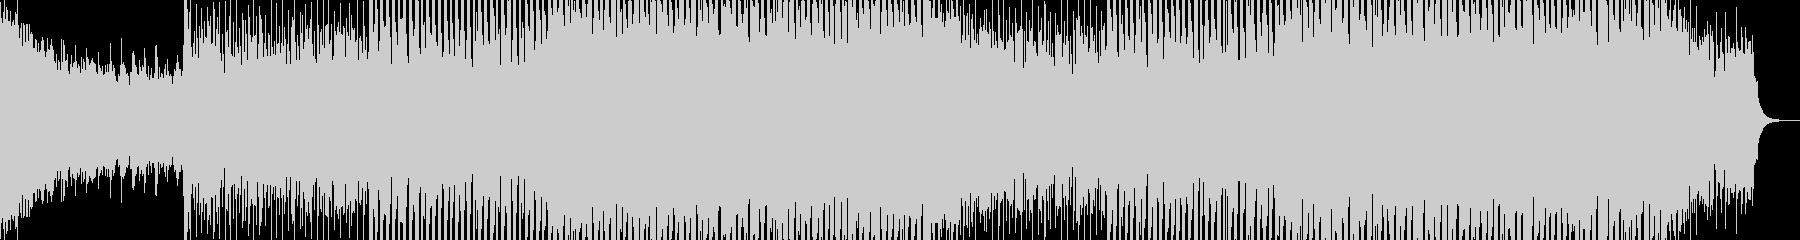 EDMクラブ系ダンスミュージック-105の未再生の波形